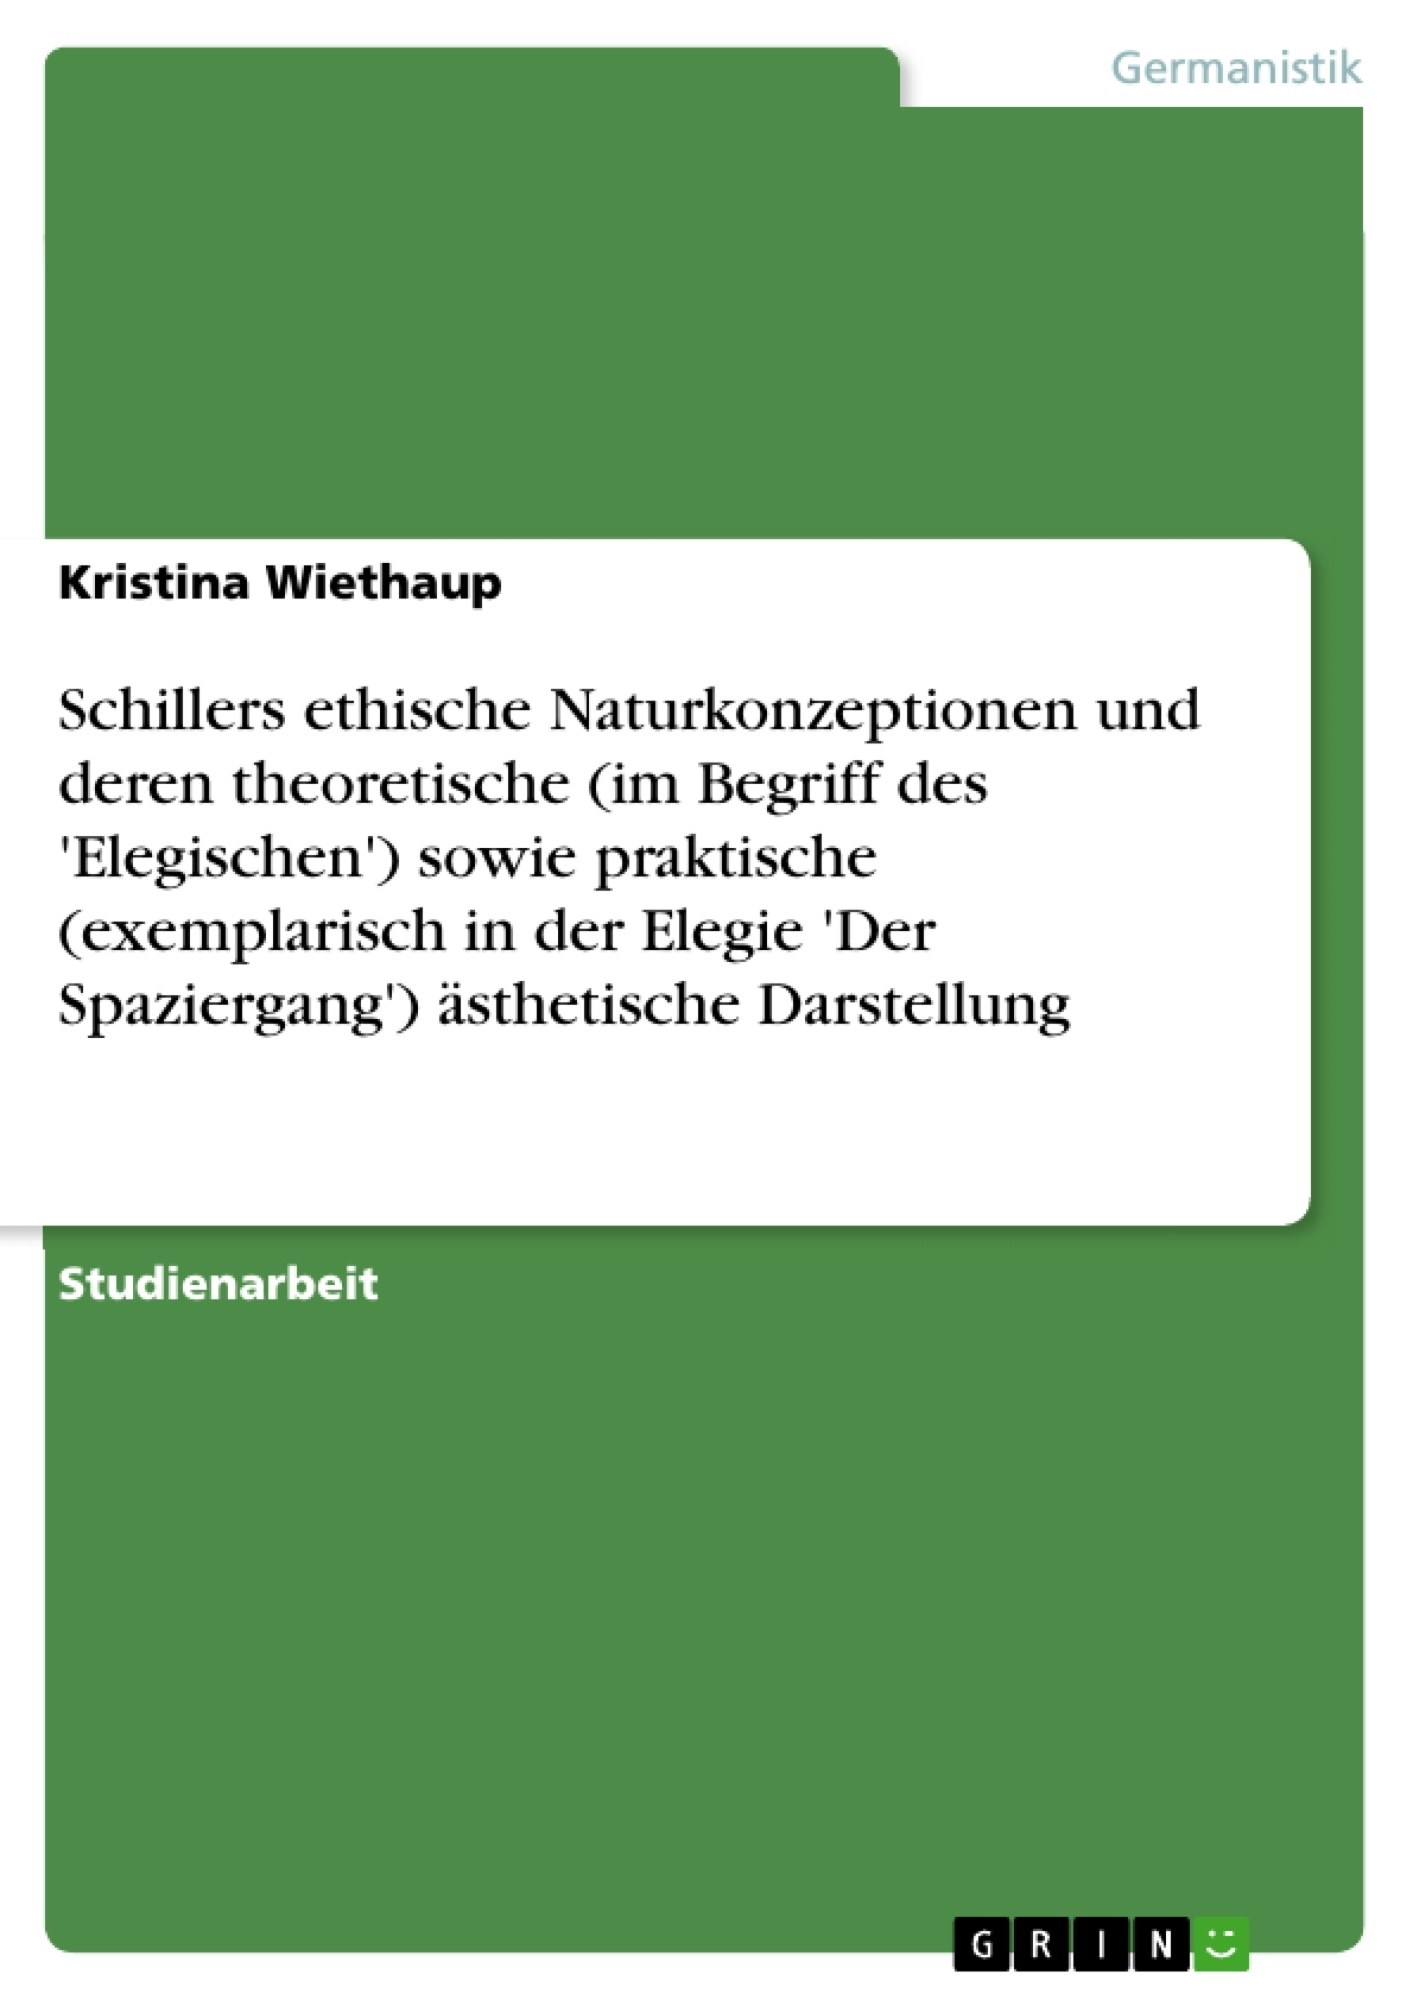 Titel: Schillers ethische Naturkonzeptionen und deren theoretische (im Begriff des 'Elegischen') sowie praktische (exemplarisch in der Elegie 'Der Spaziergang') ästhetische Darstellung